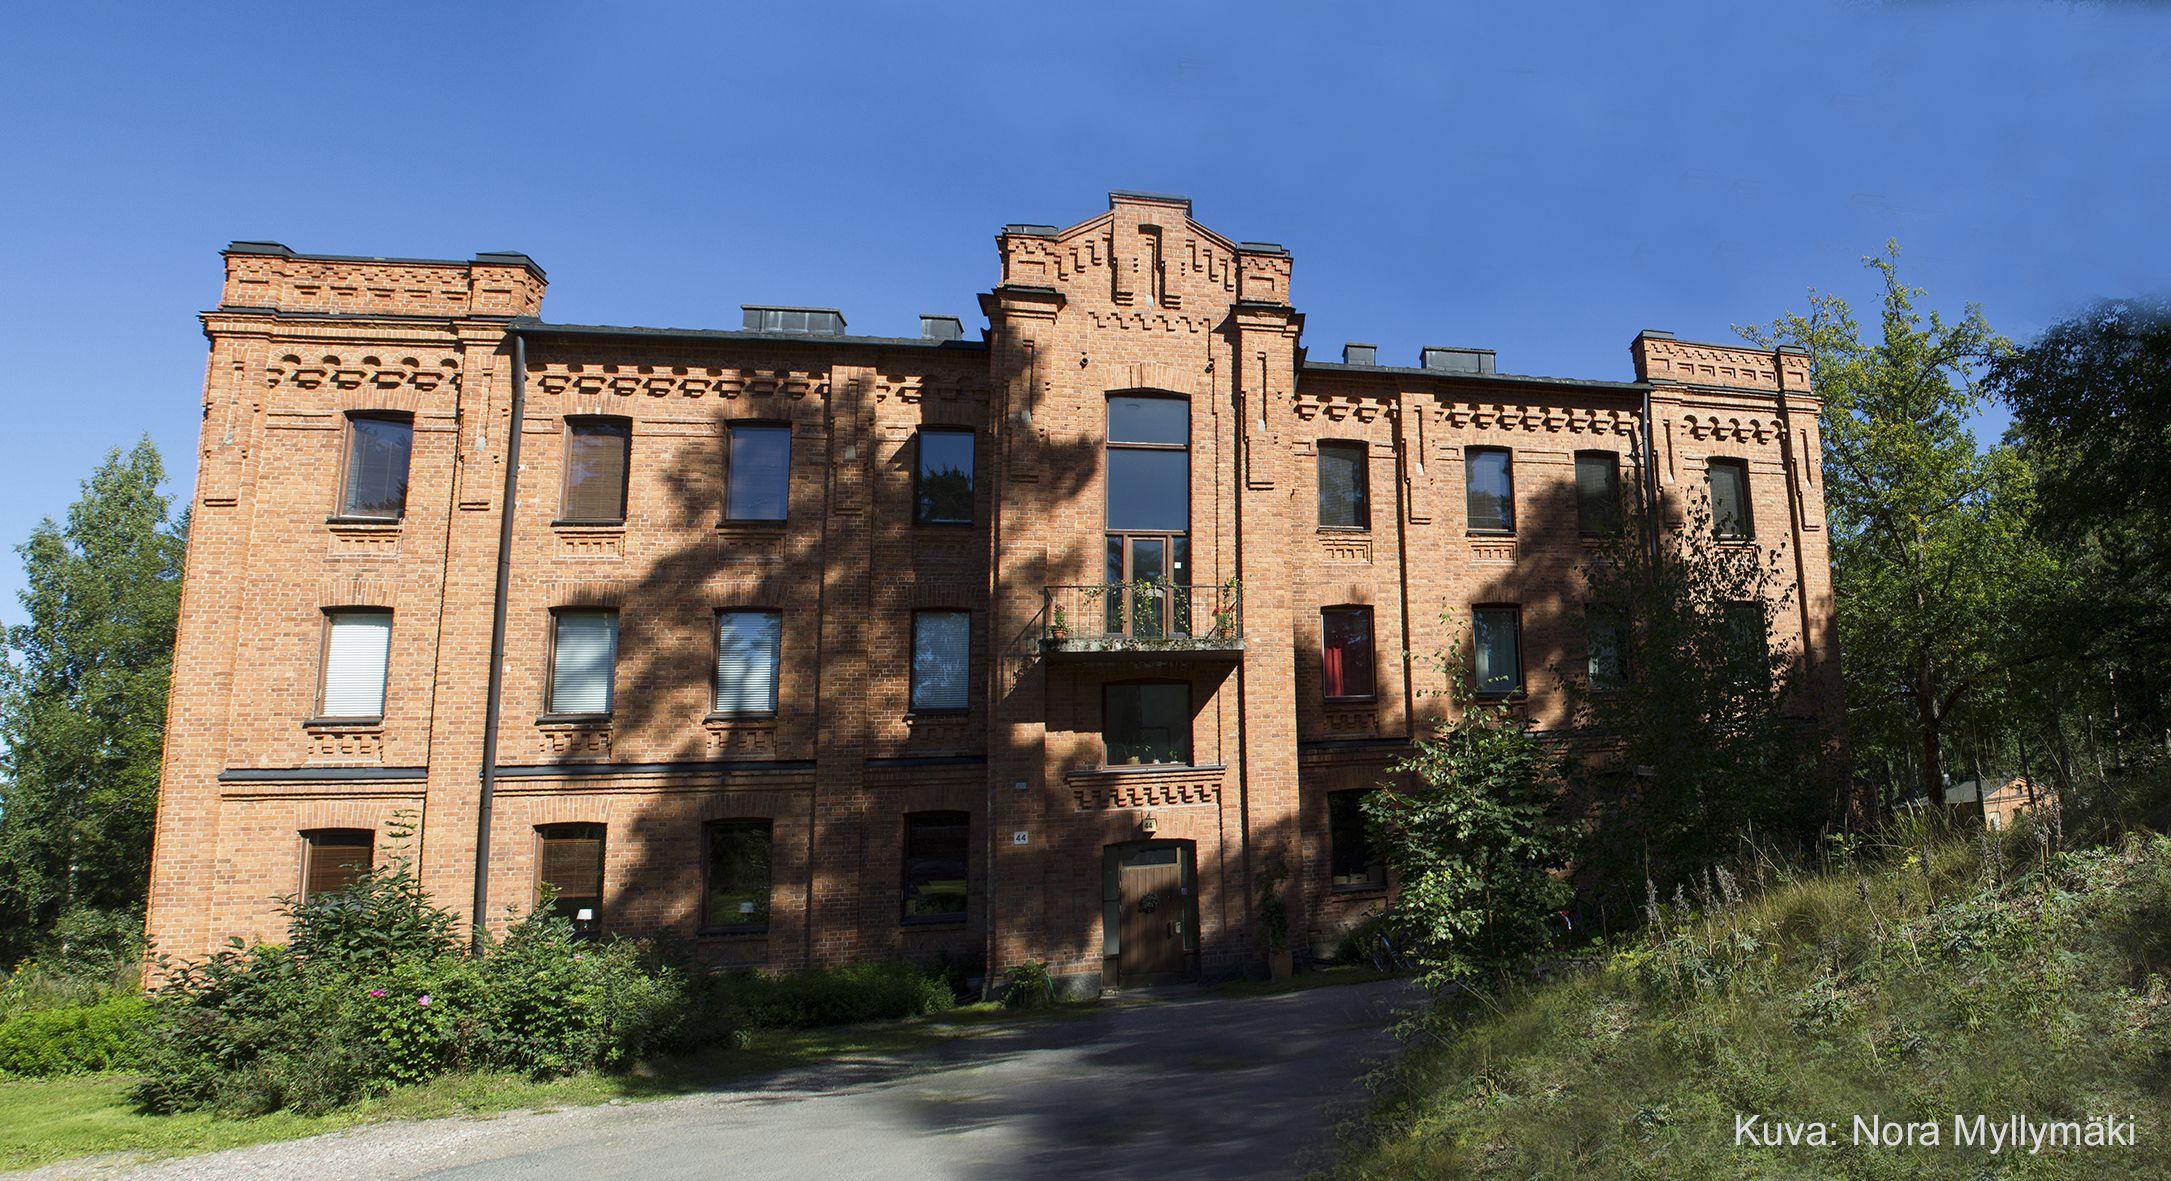 Nykyään yksityisomistuksessa oleva entinen Taka-kasarmin asuinalue, kuvassa Varuskunta rak. 44, Riihimäki. Kuva: Nora Myllymäki